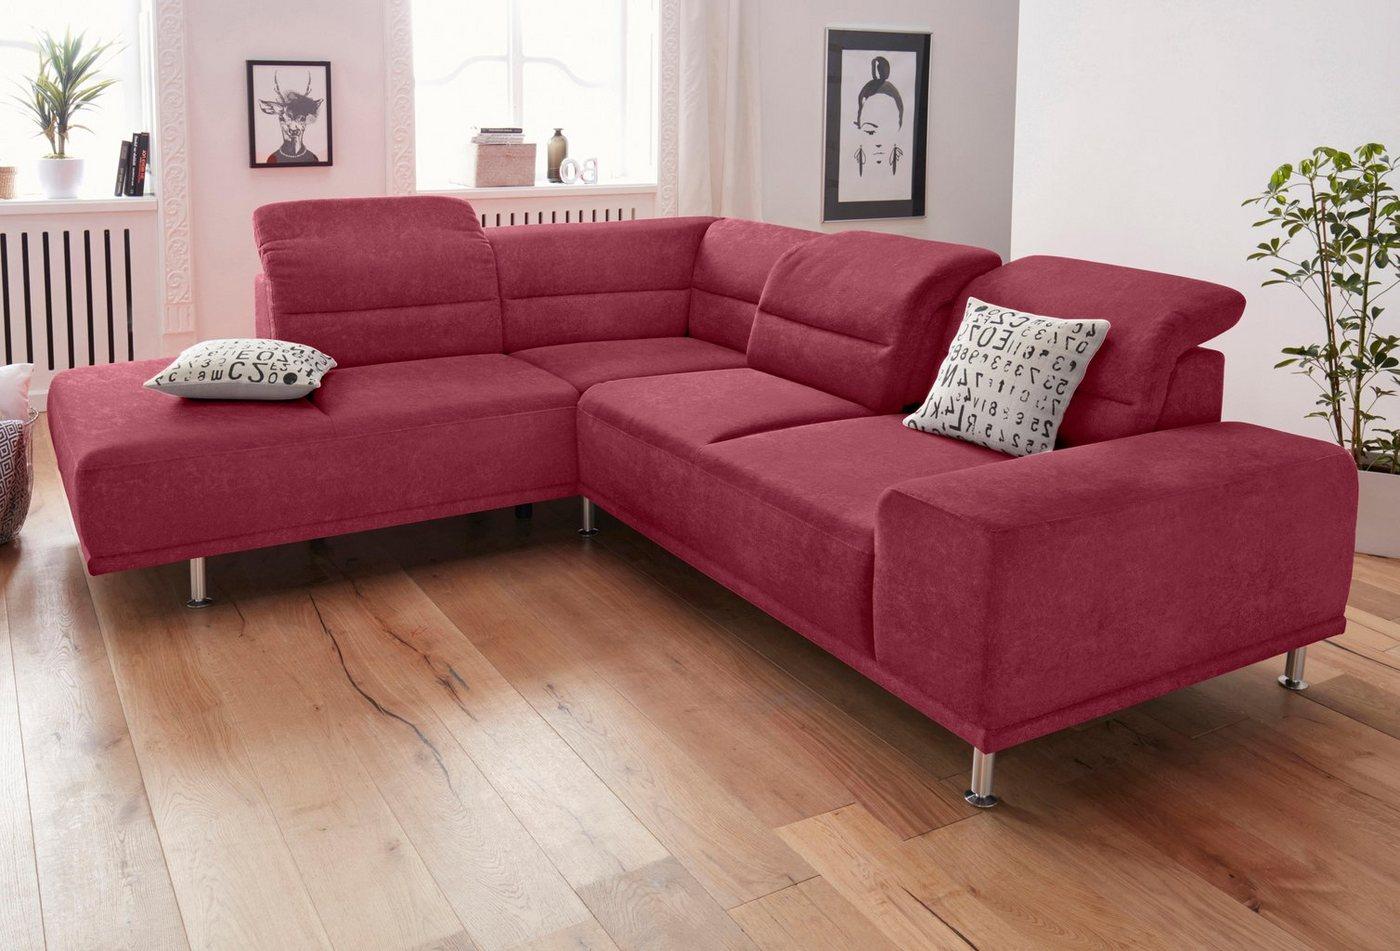 SIT & MORE hoekbank met binnenvering en lange zijde, inclusief zitdiepteverstelling